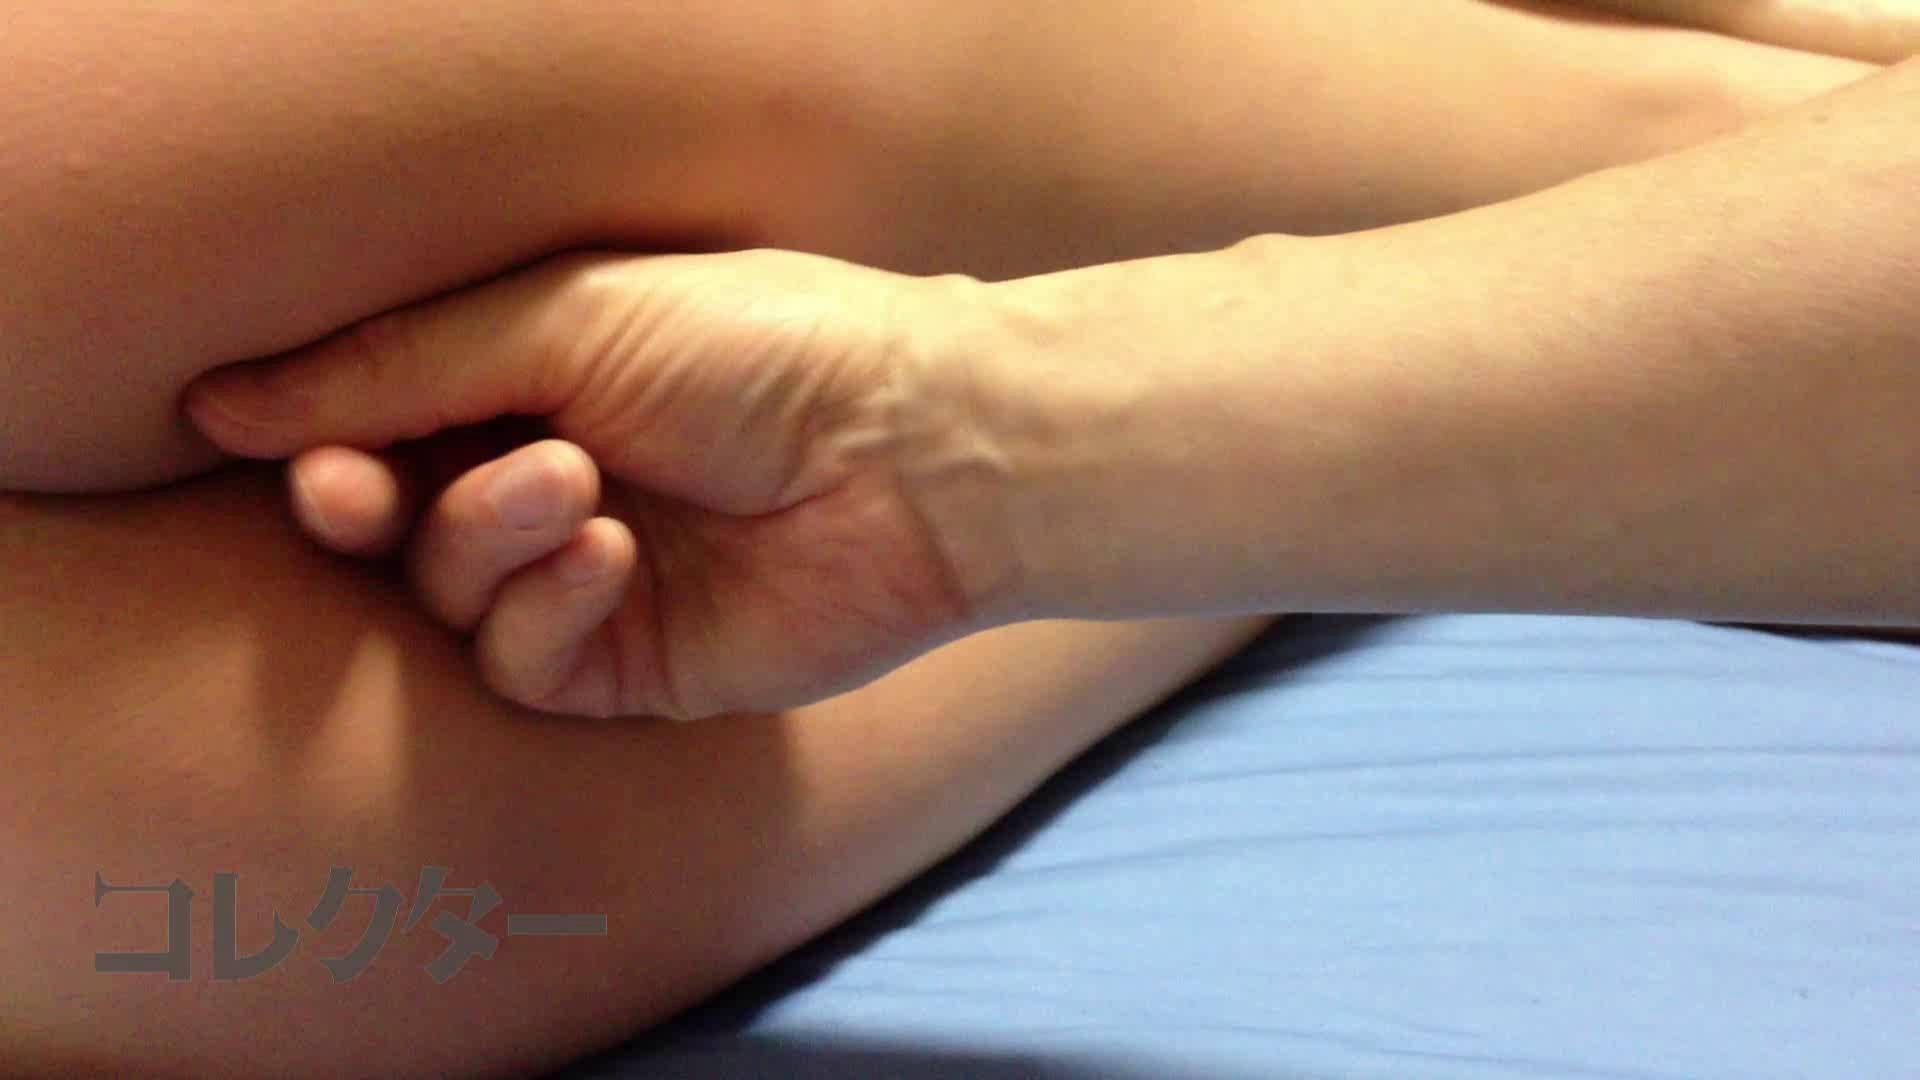 泥酔スレンダー美乳美女 美乳 | 反撃の悪戯  106pic 40